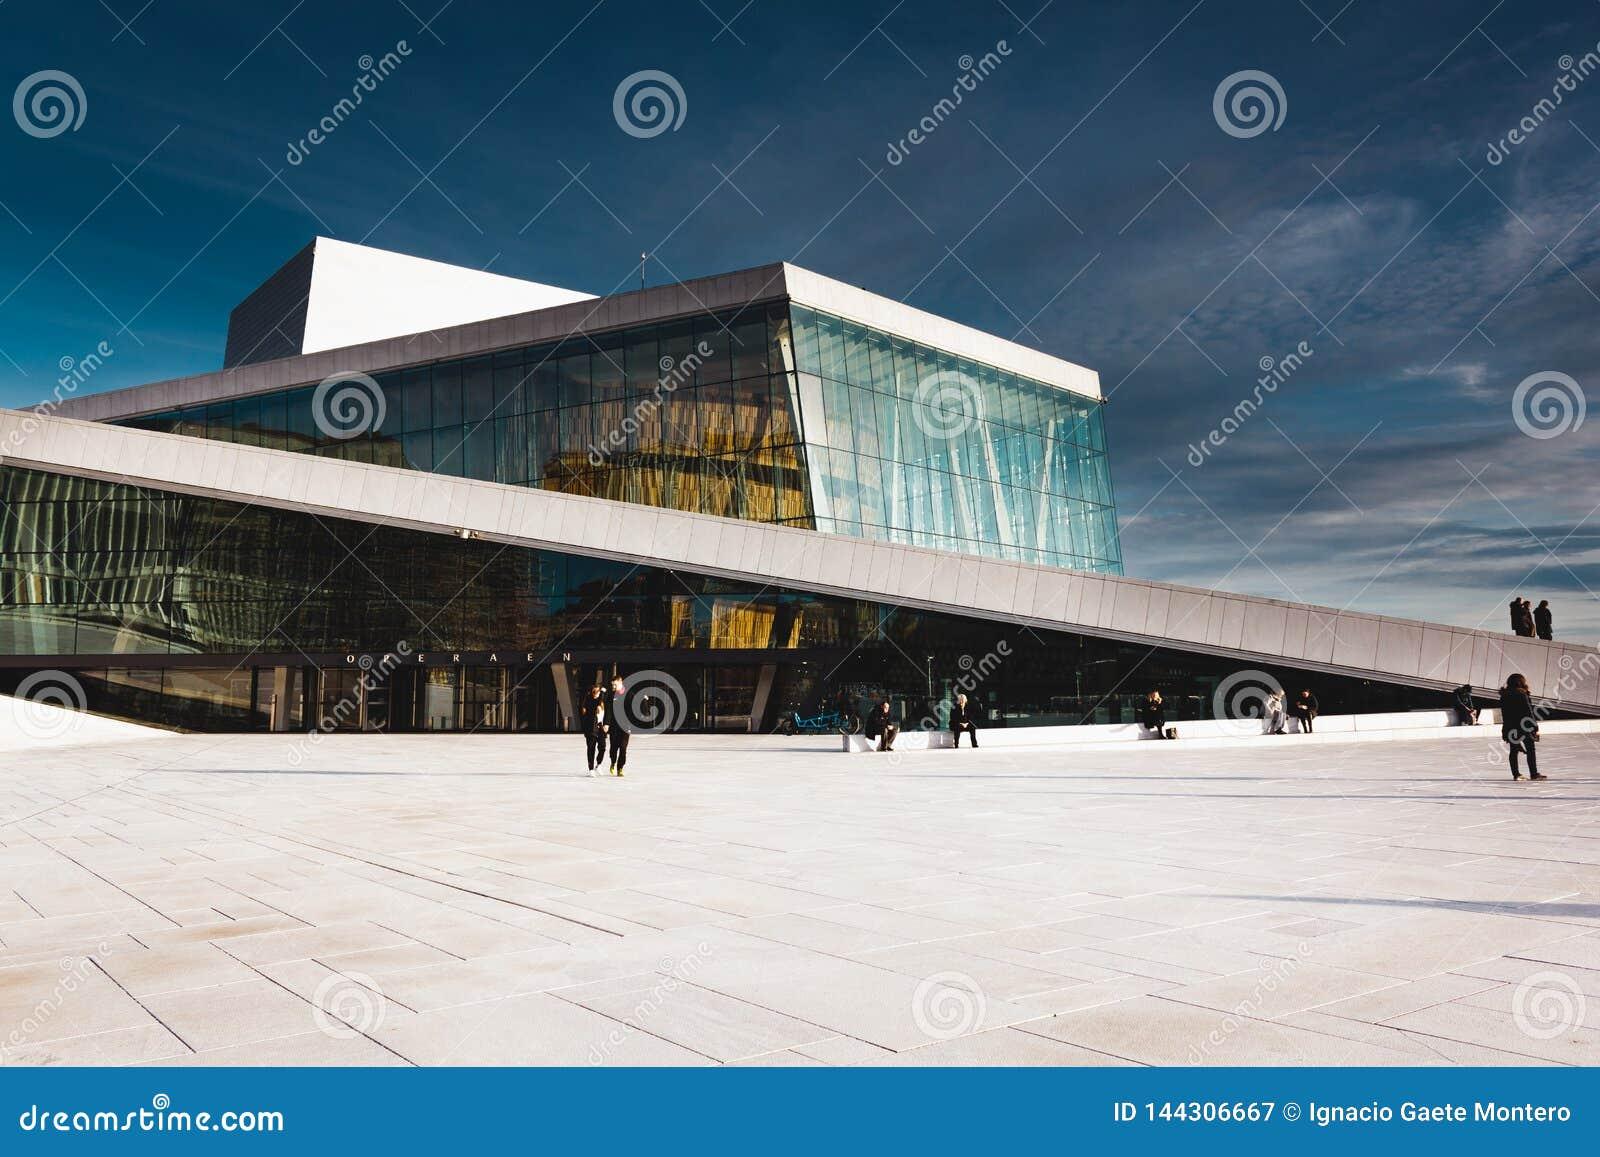 奥斯陆歌剧院,Operahuset